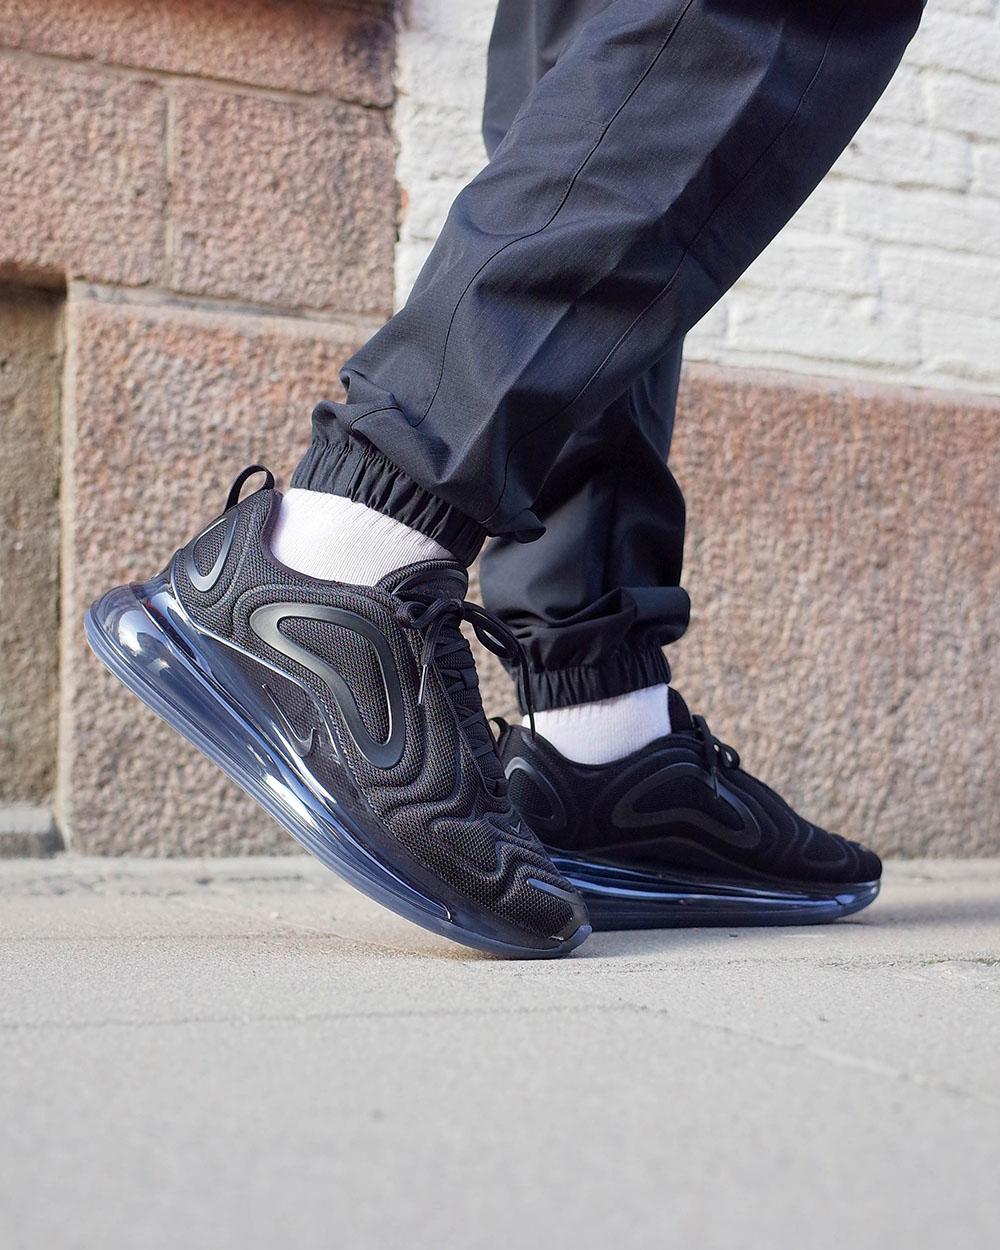 278eece2d655 SHELTA - sneakers & street fashion since 2004